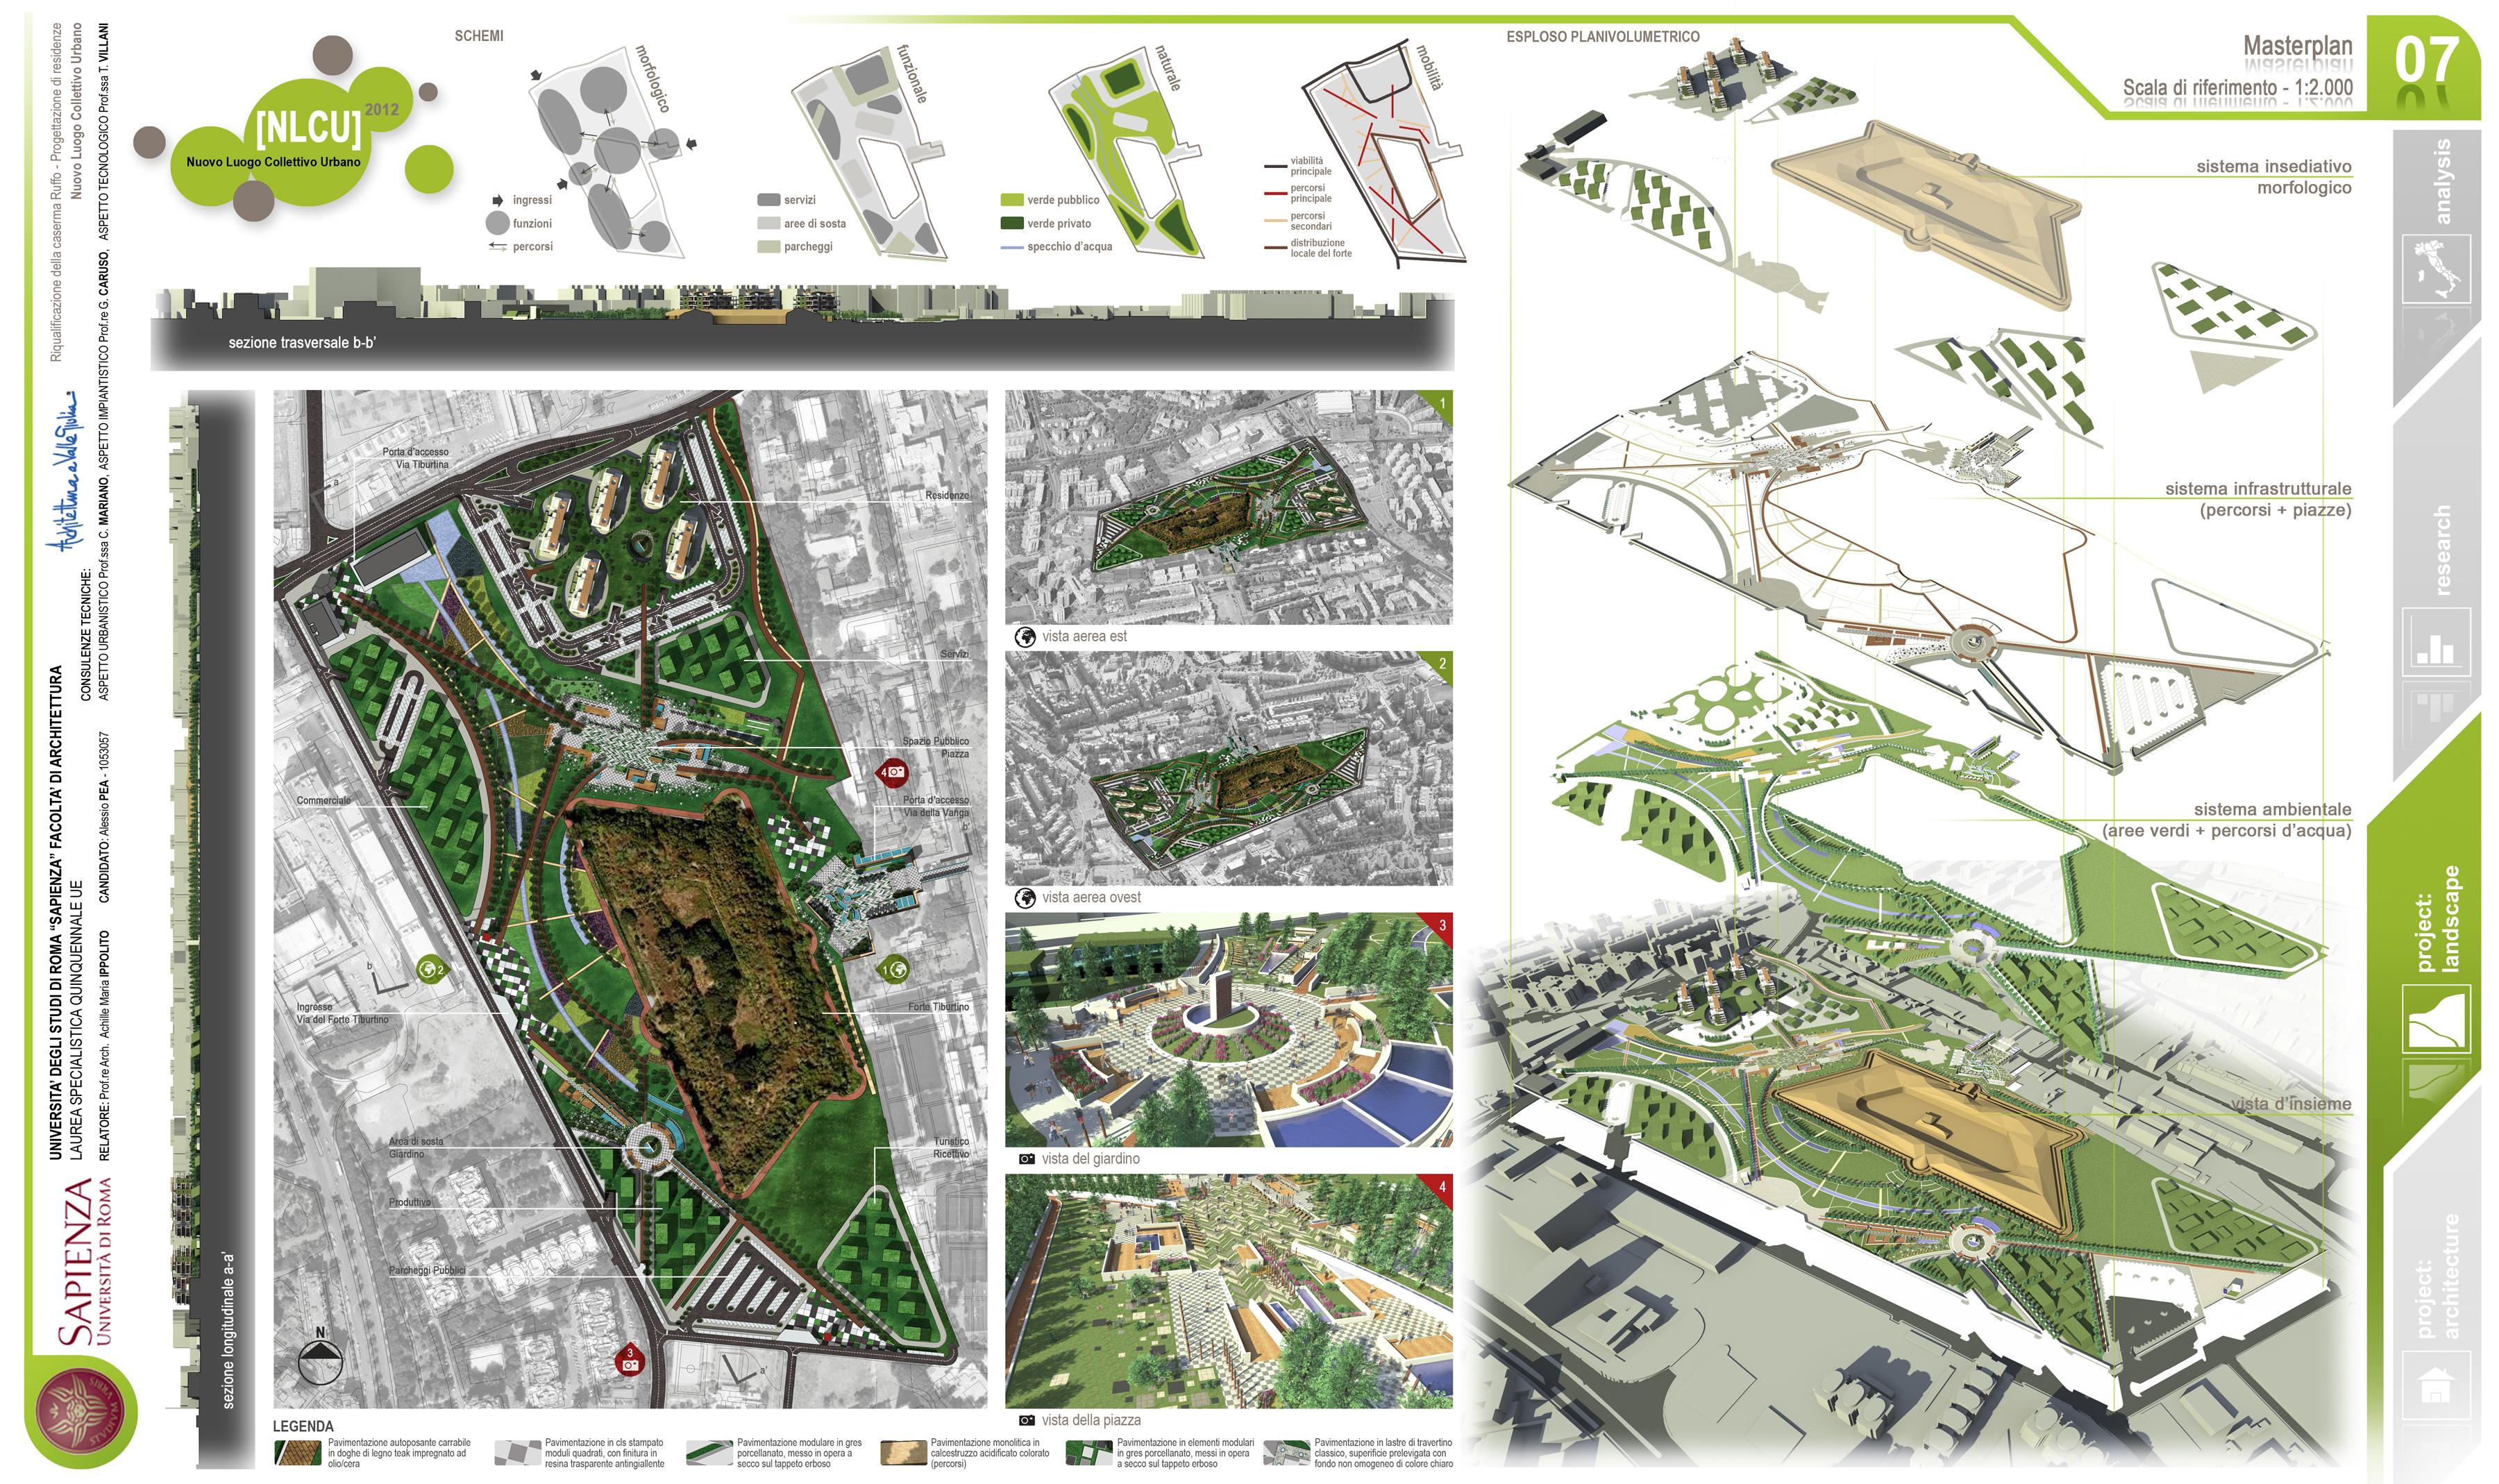 Tesi di laurea in architettura di alessio pea for Progettazione di architettura online